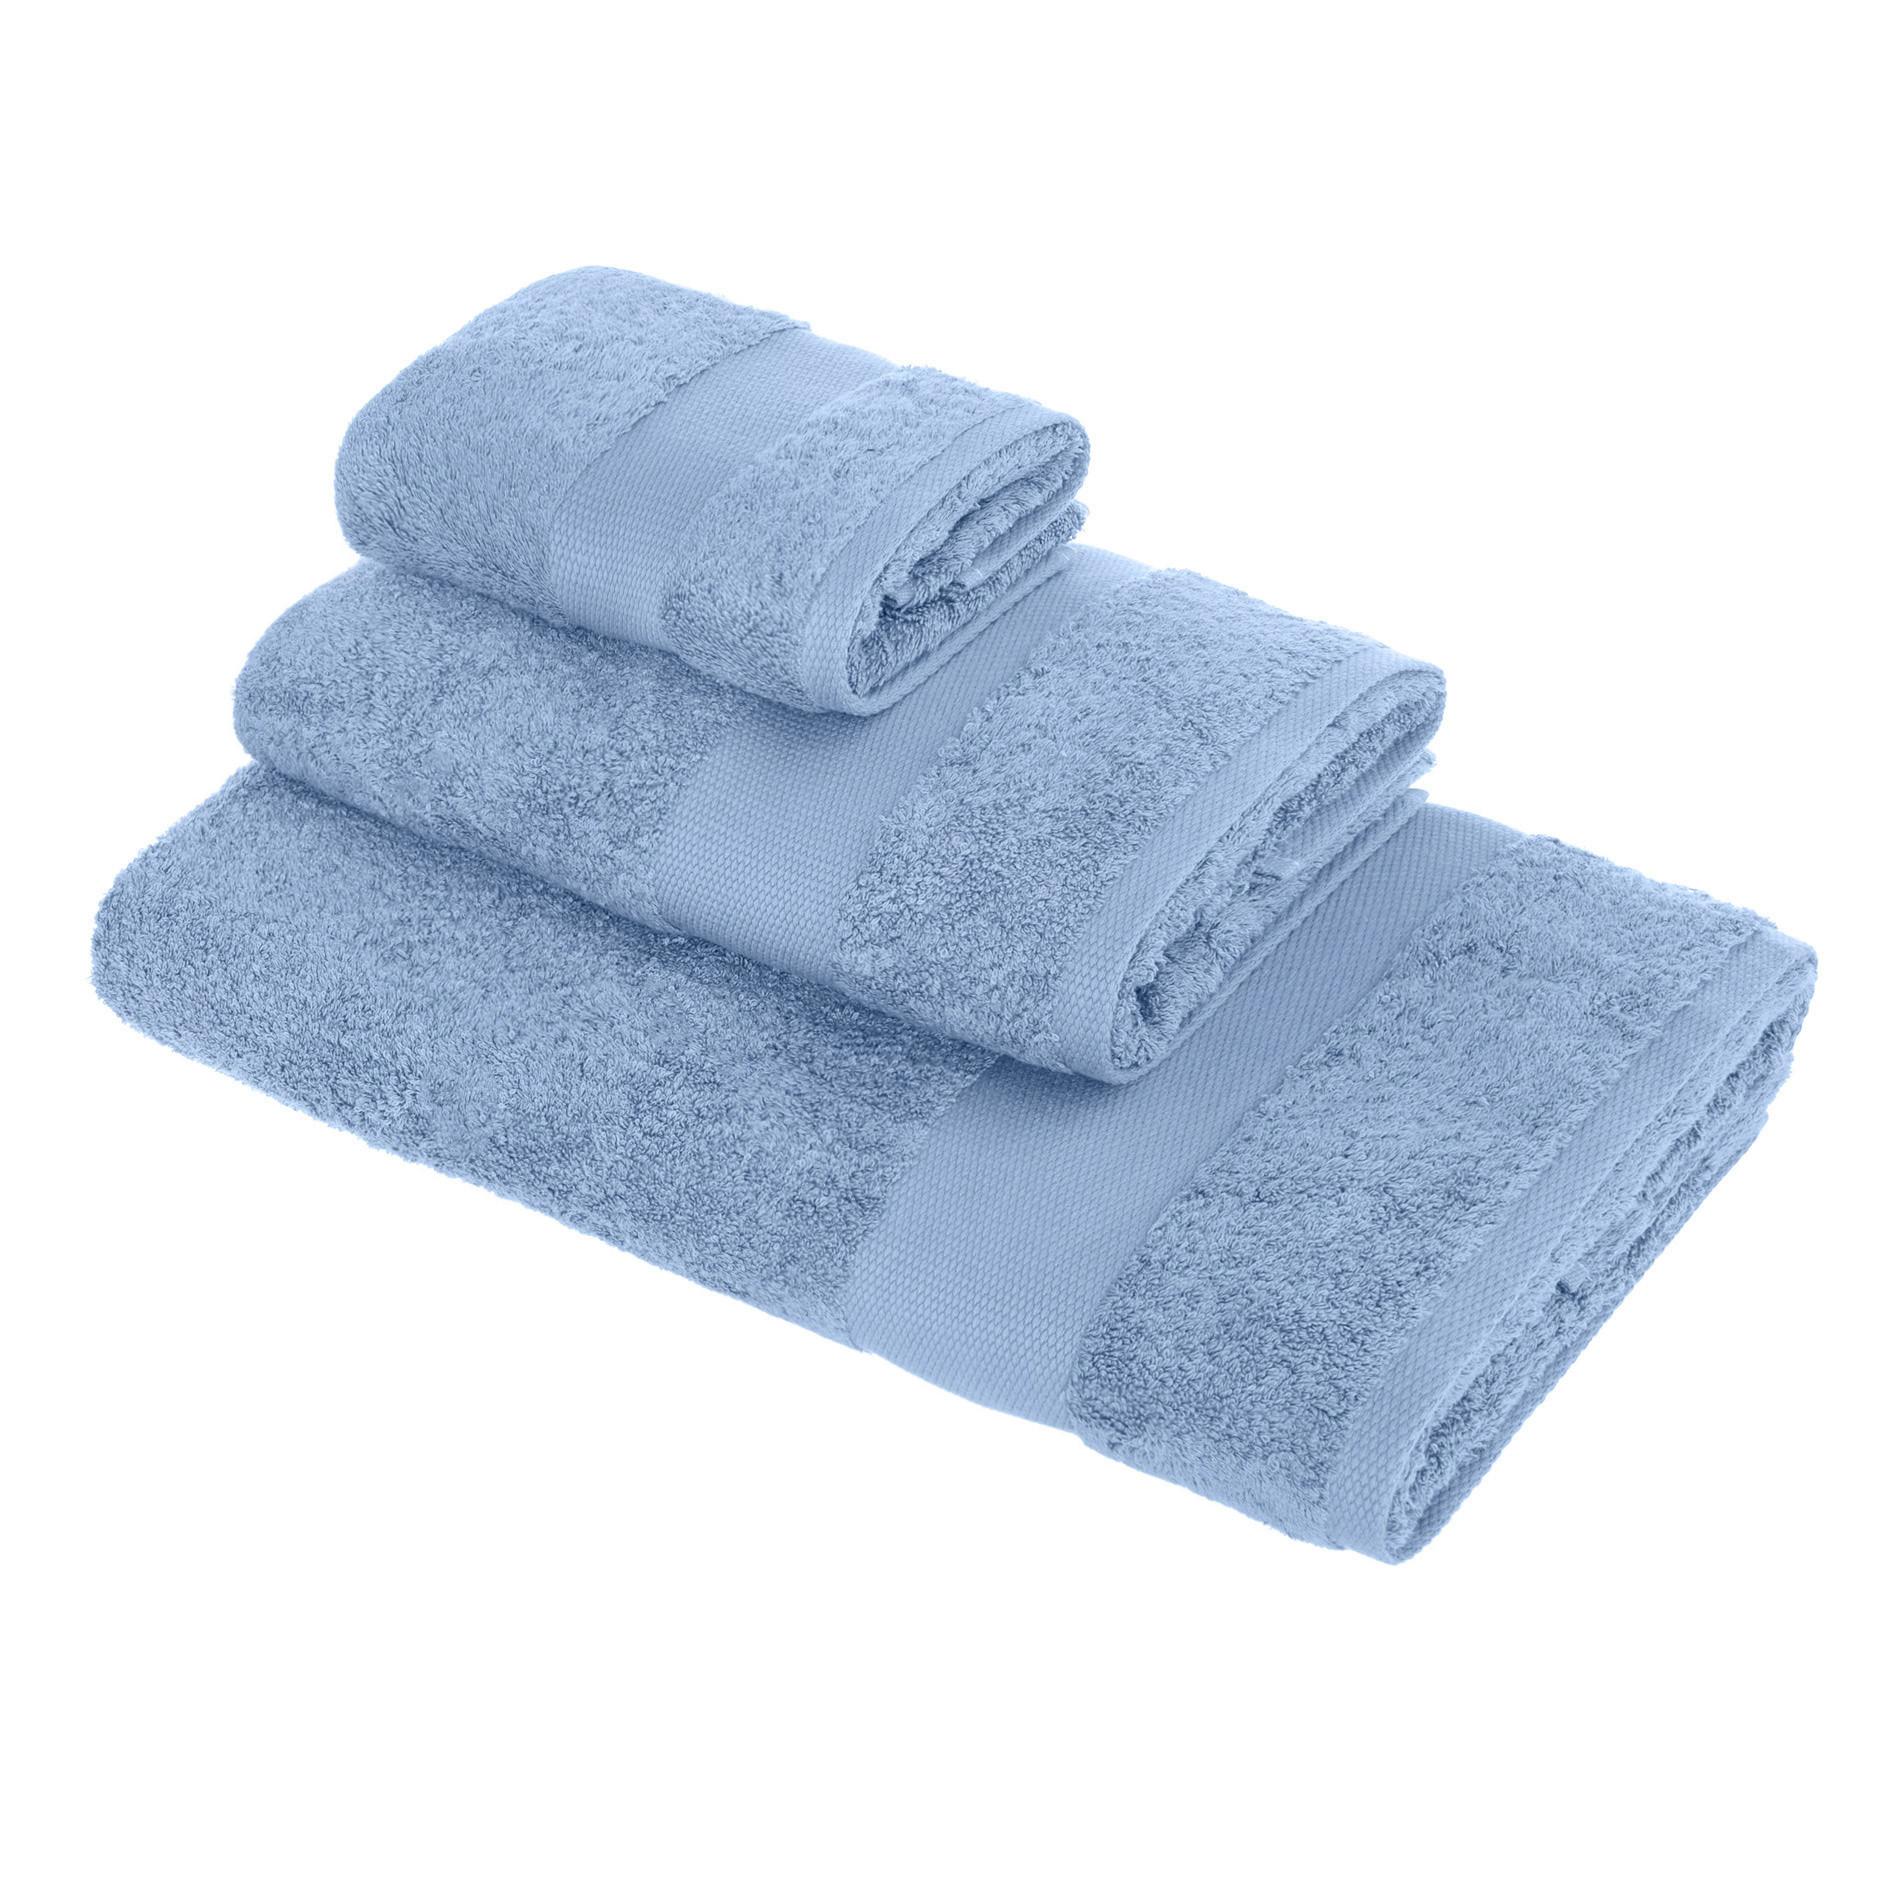 Asciugamano spugna di puro cotone Zefiro, Blu, large image number 0